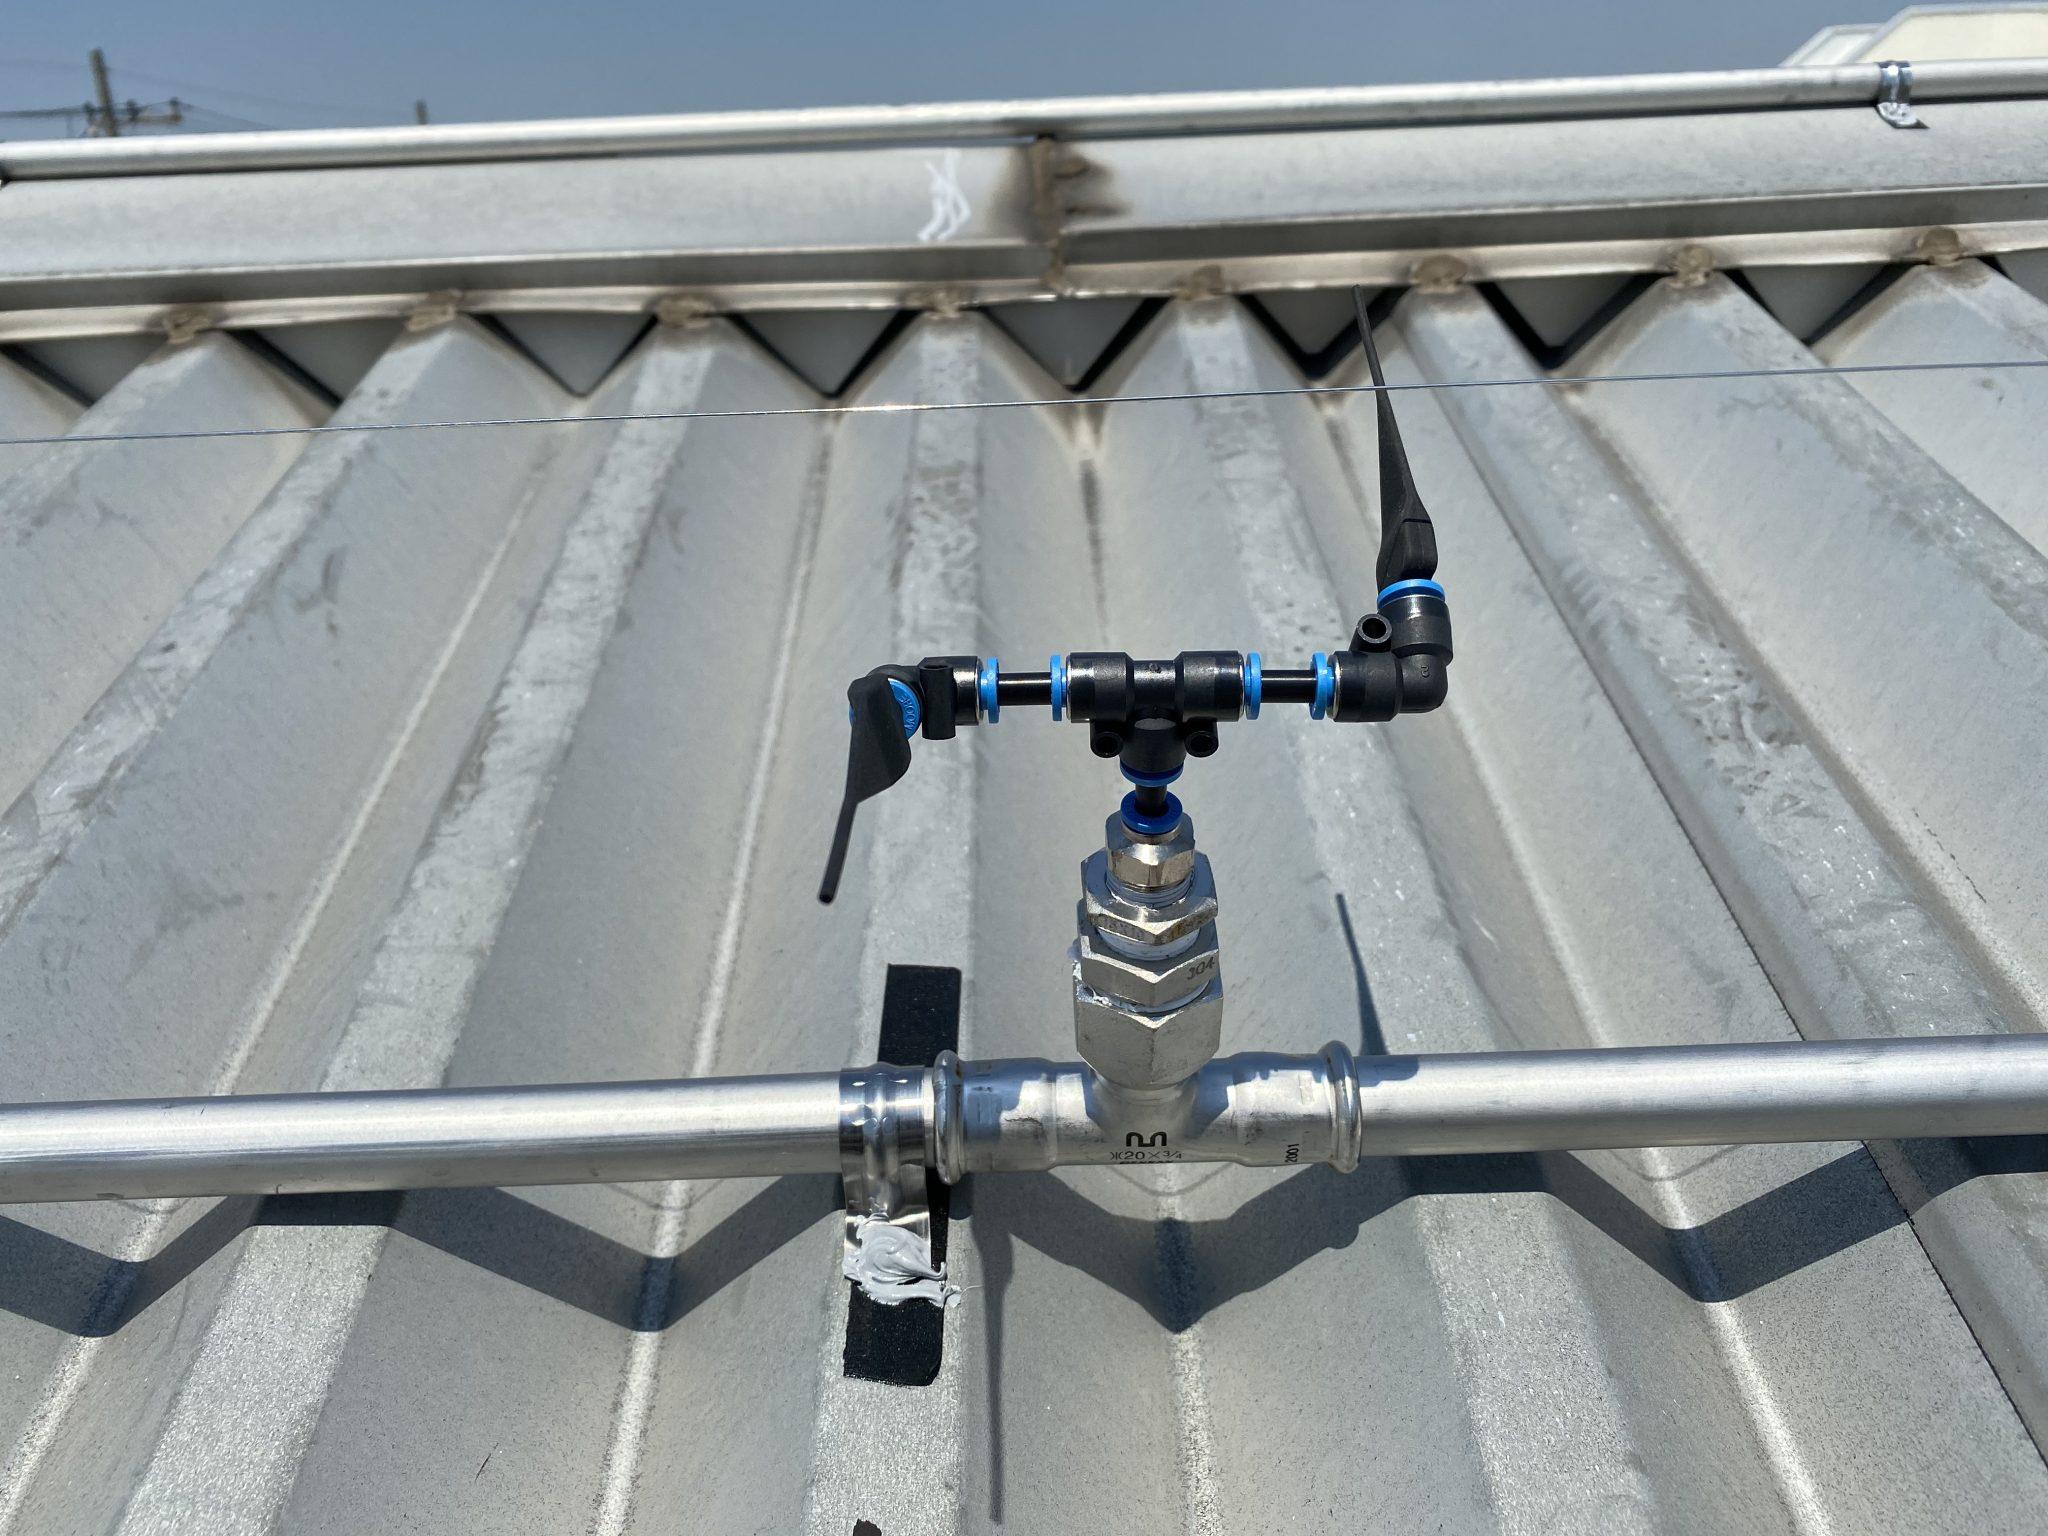 散水装置による工場冷却の事例(埼玉県川口市)